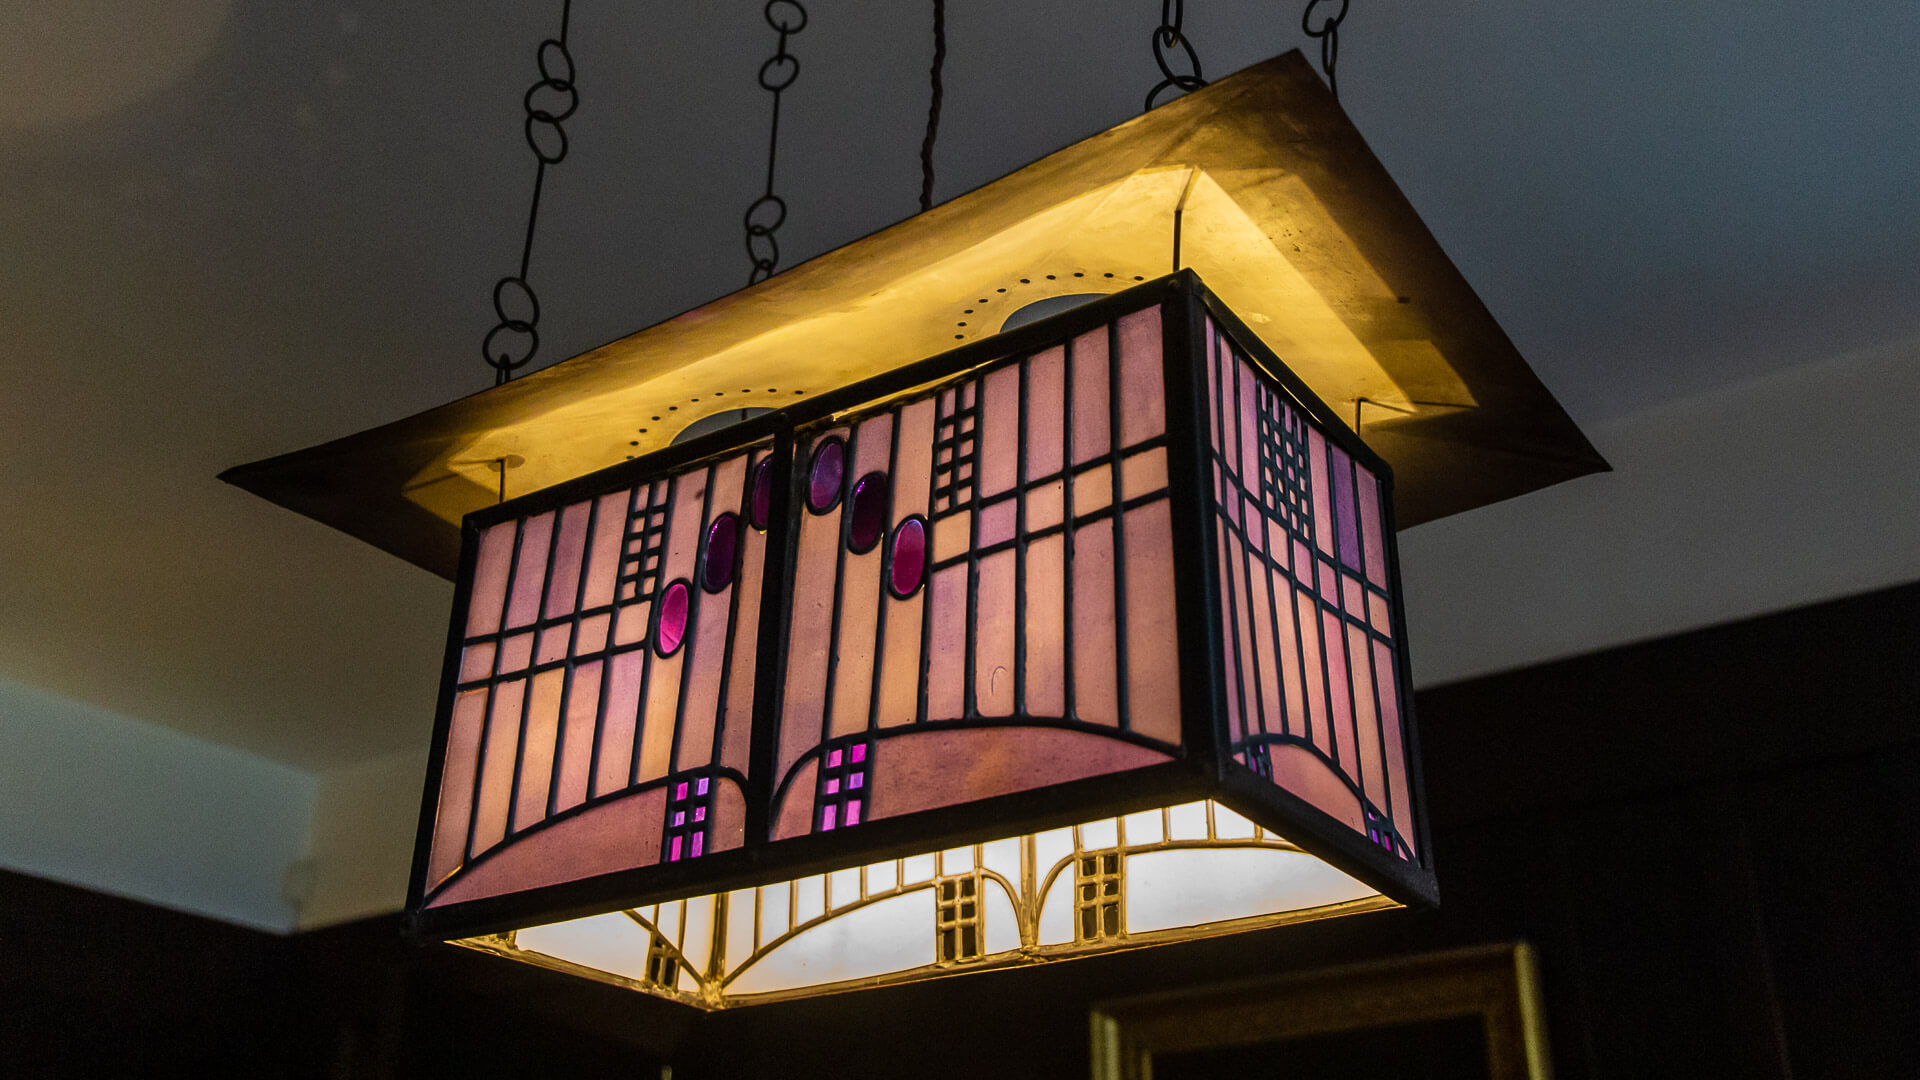 Lampe im Ess-Zimmer des Hill House